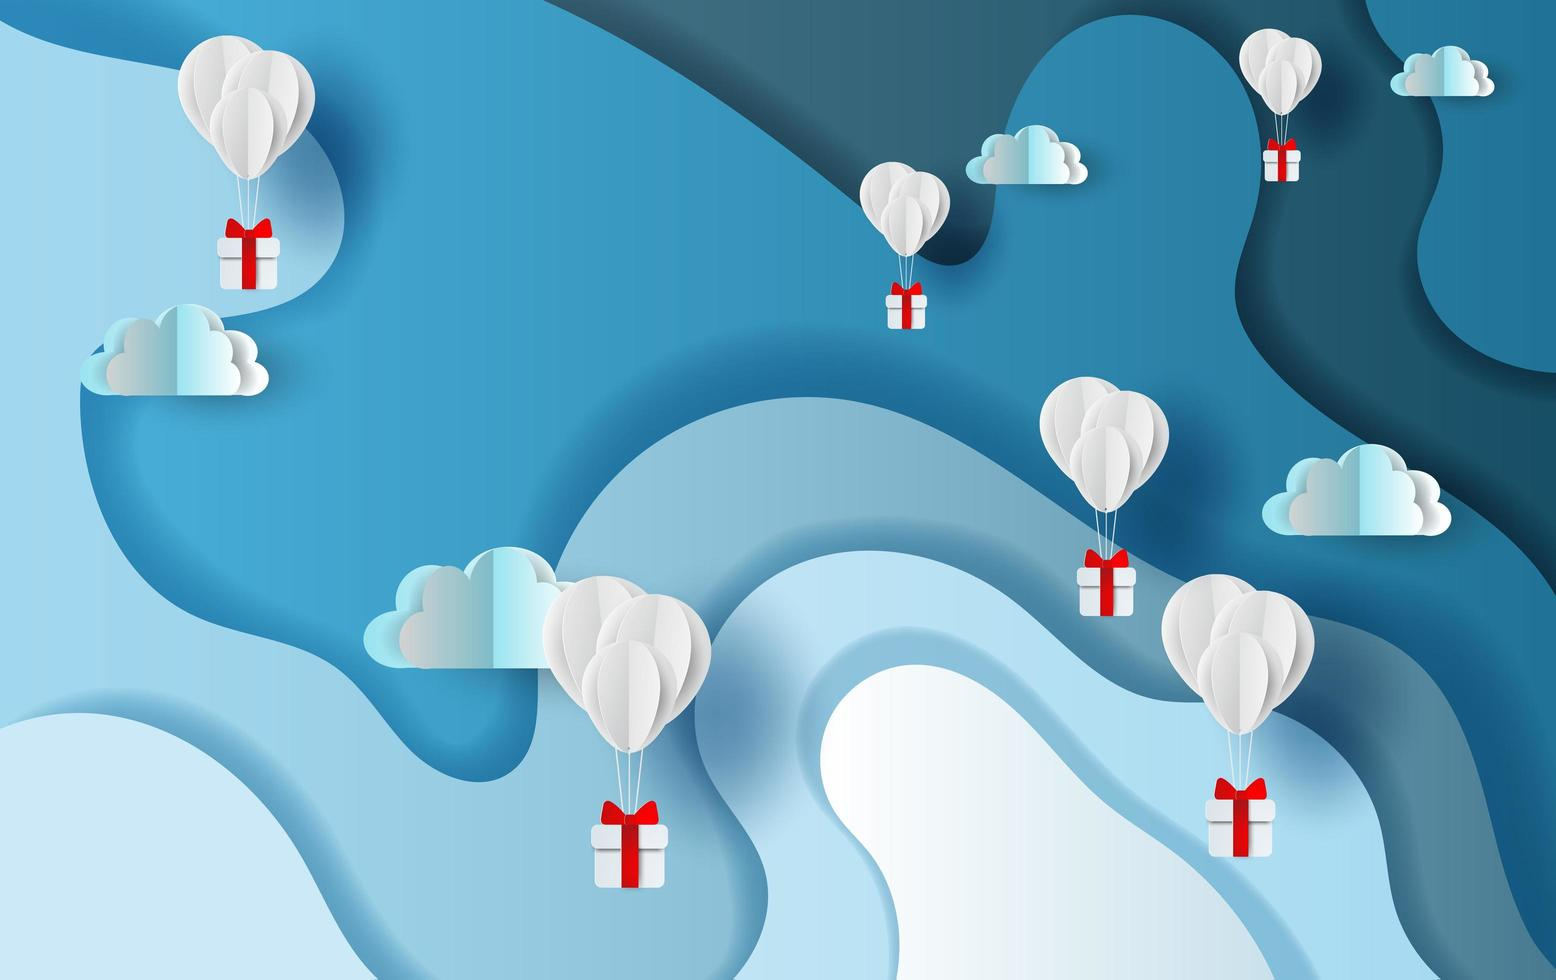 Papierkunst Banner mit Heißluftballons und Geschenkboxen vektor